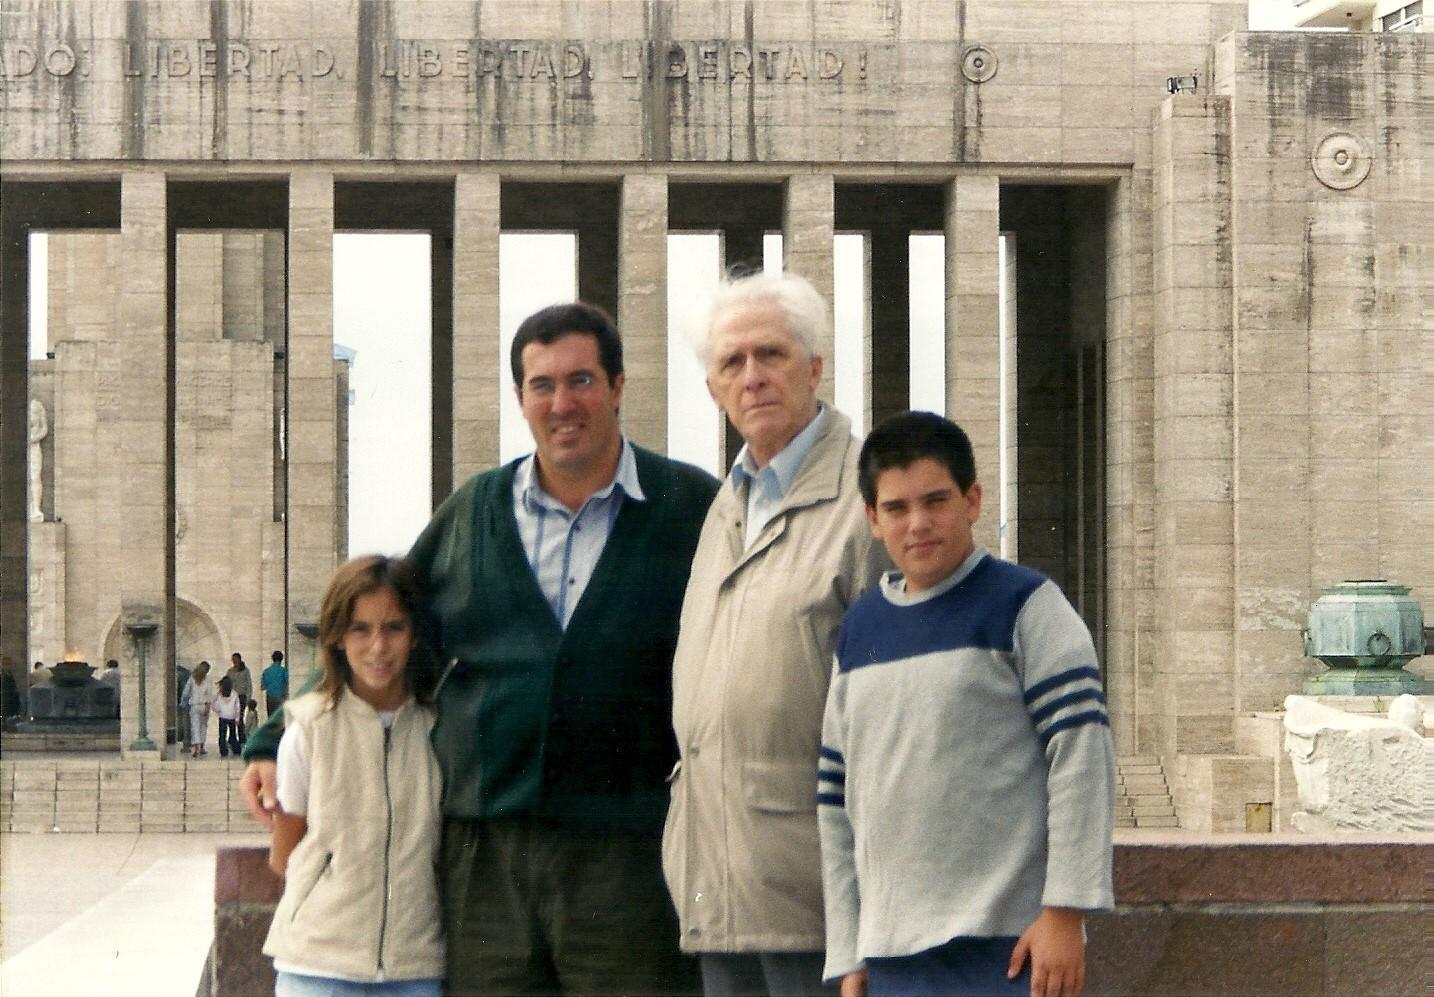 Luiz Alberto Moniz Bandeira junto a la familia de Marcelo Gullo en el Monumento a la Bandera en la ciudad de Rosario Argentina